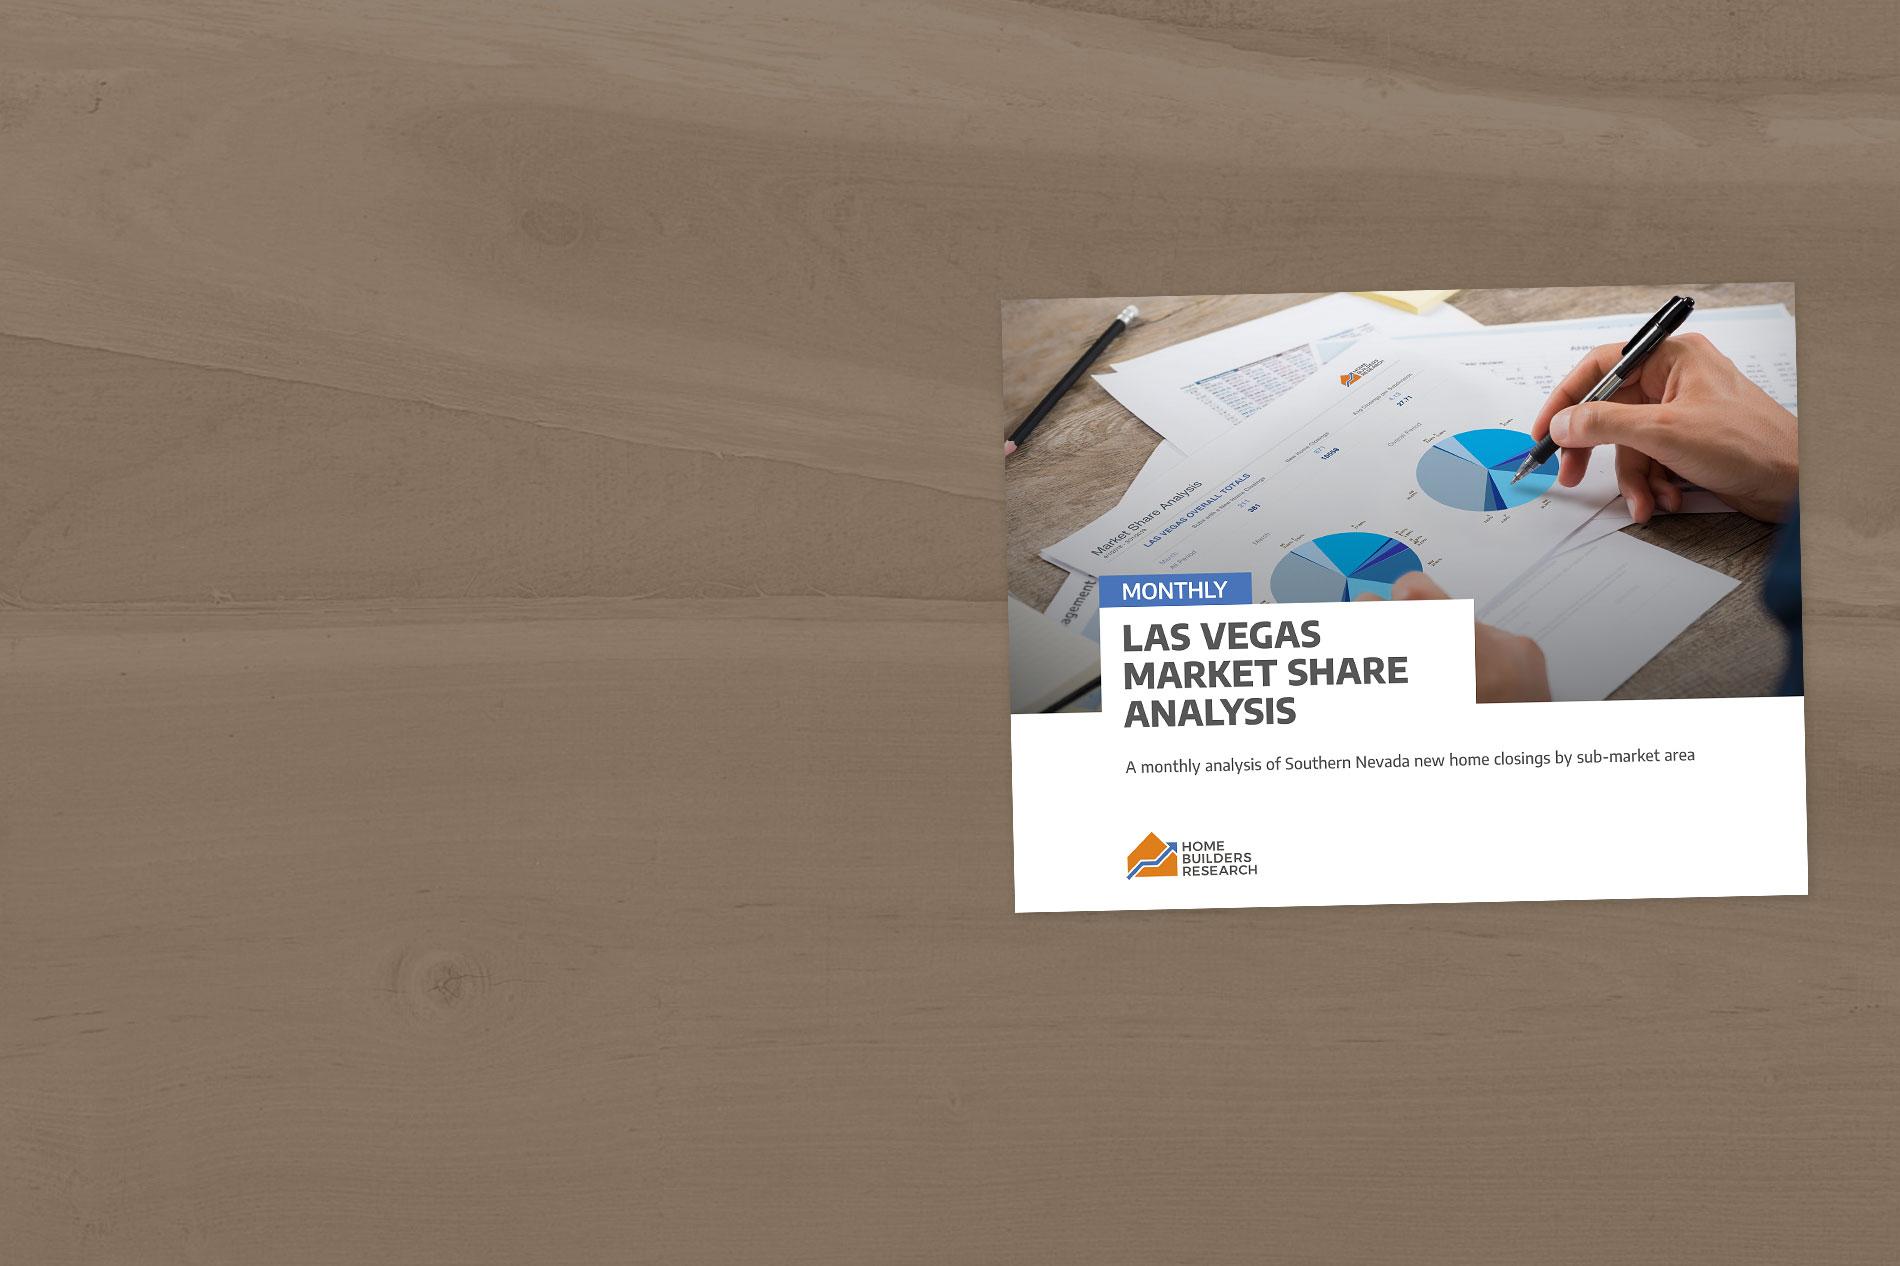 Las Vegas Market Share Analysis